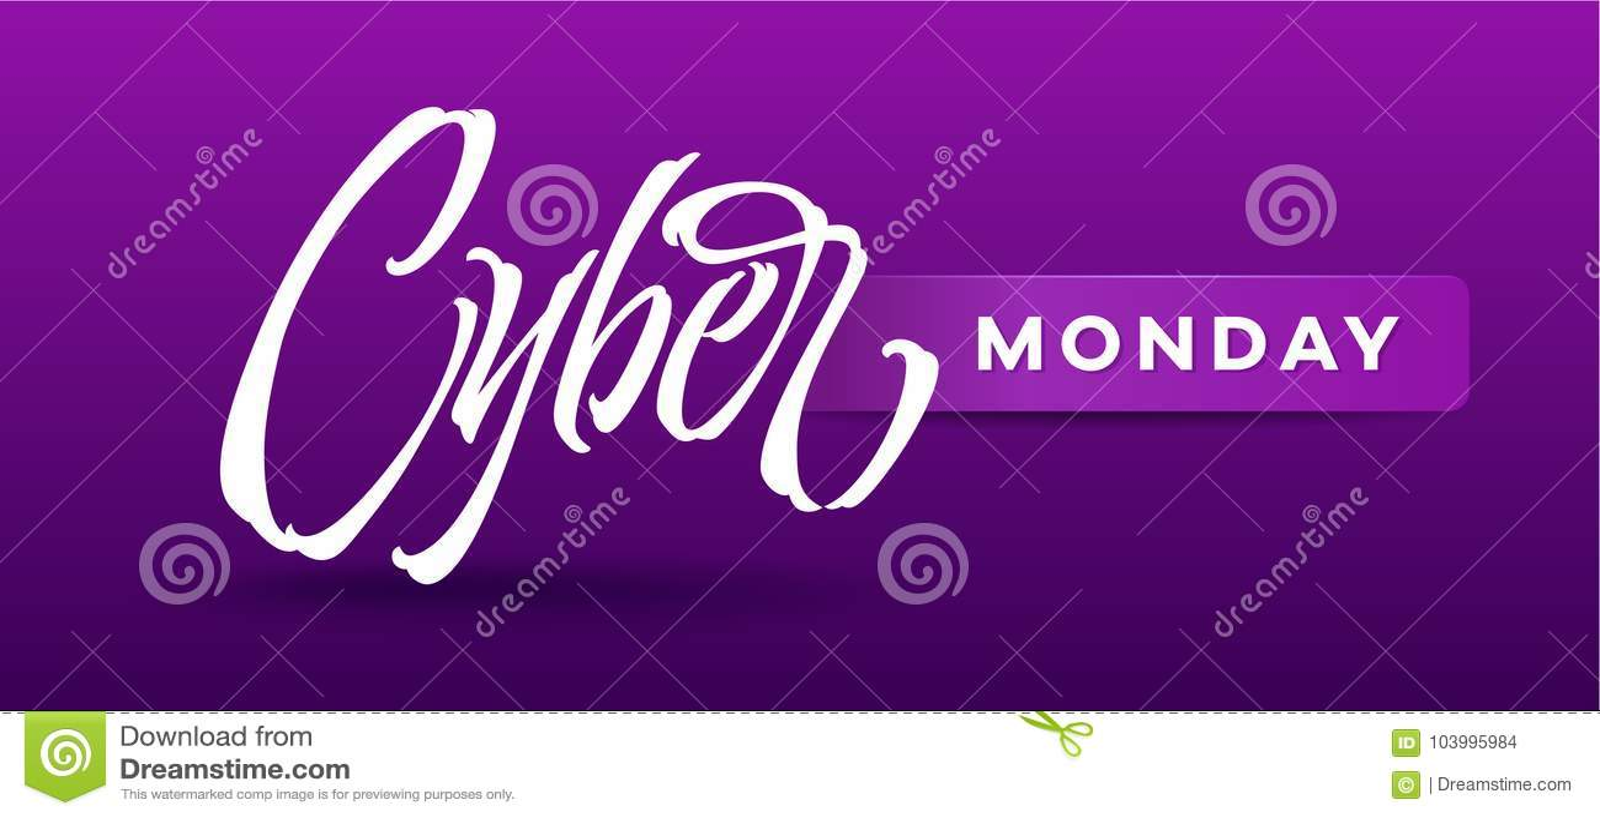 Tipografía cibernética de lunes para la tarjeta, banderas, anuncios, folletos de publicidad, folleto